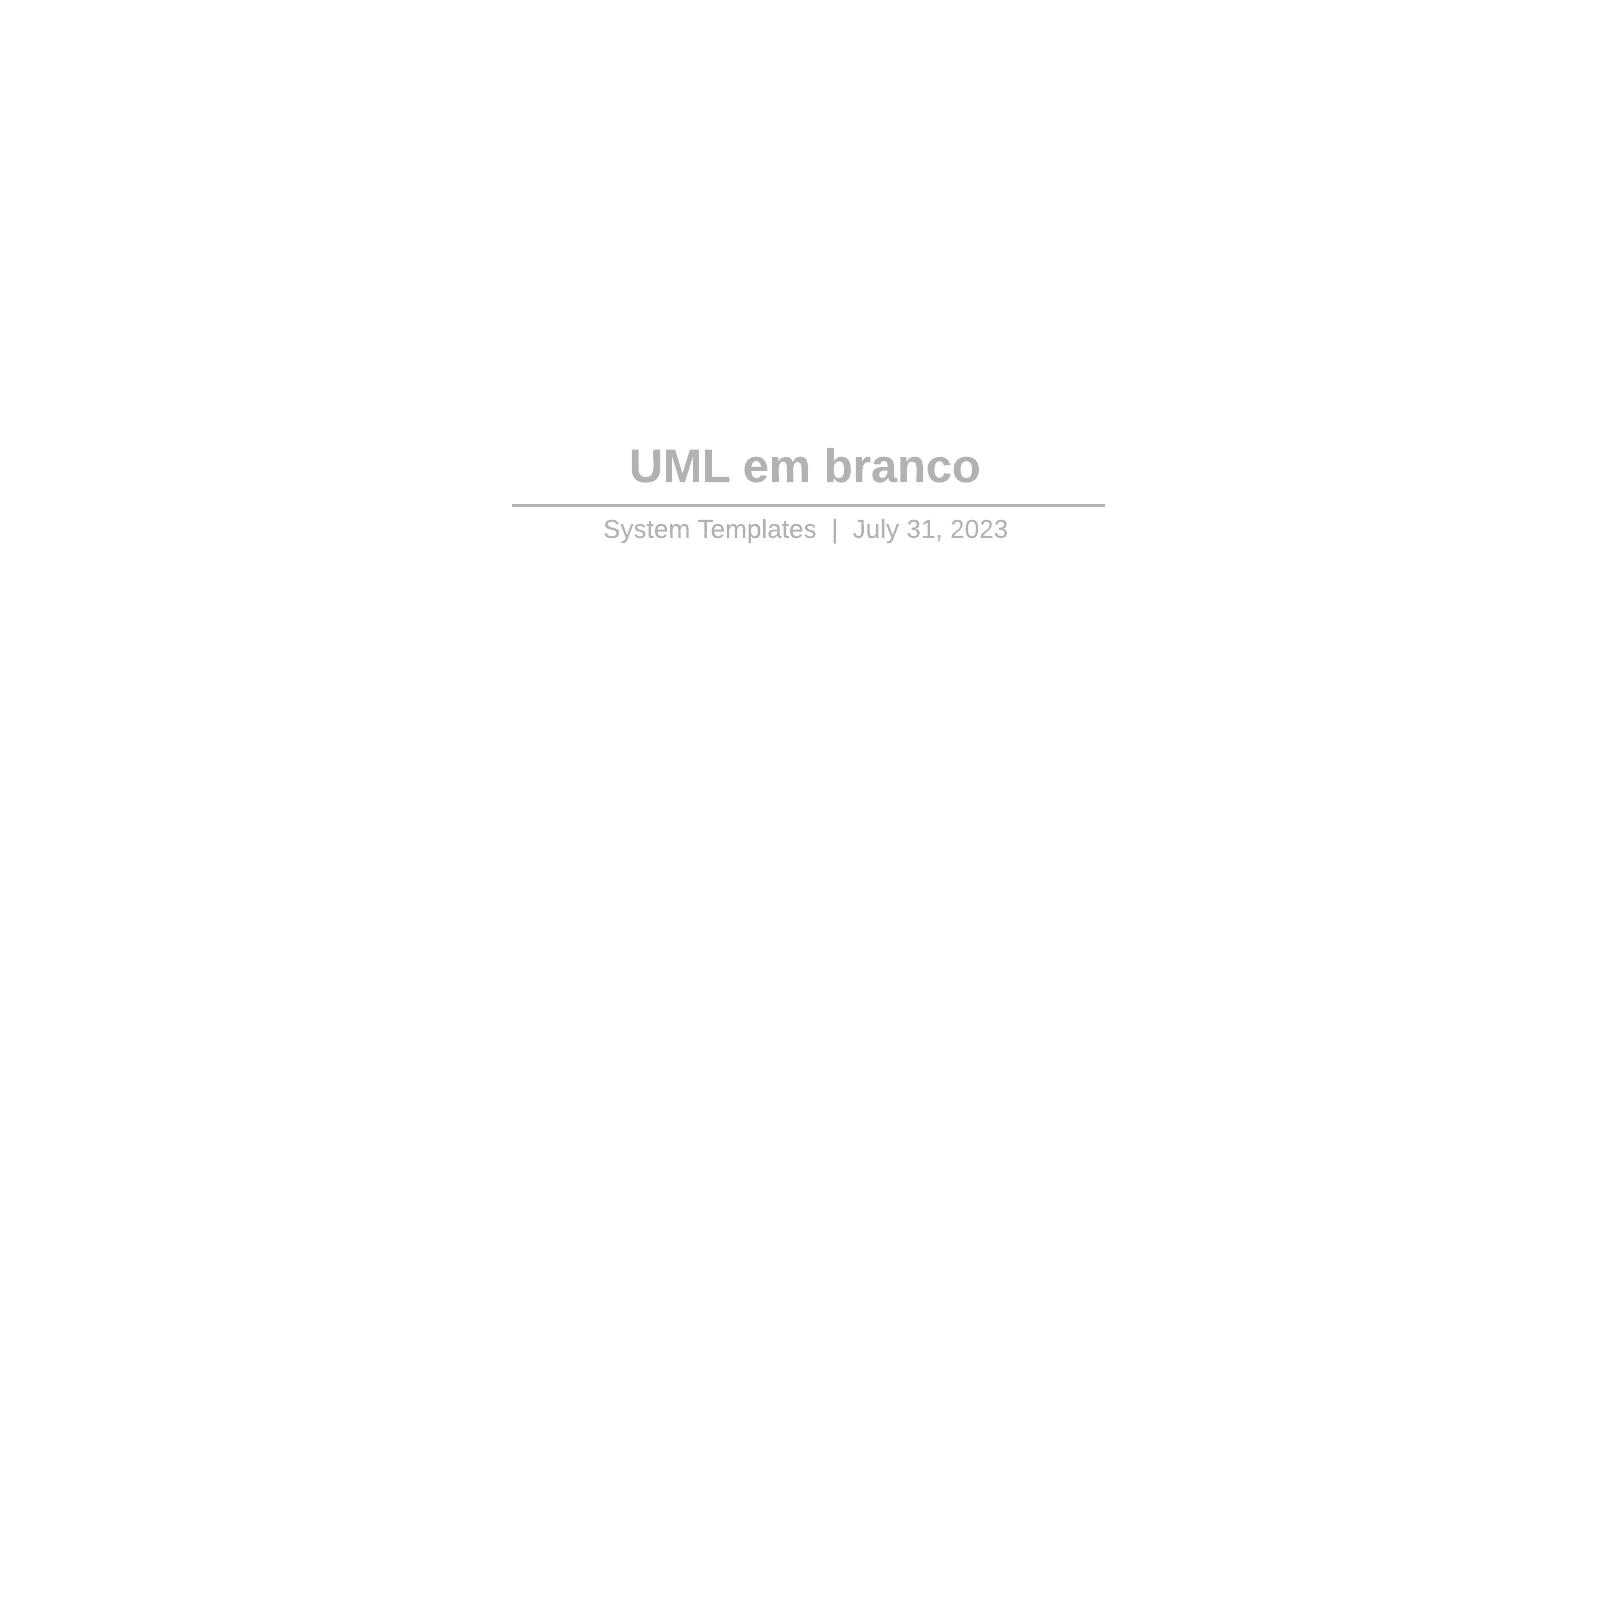 UML em branco